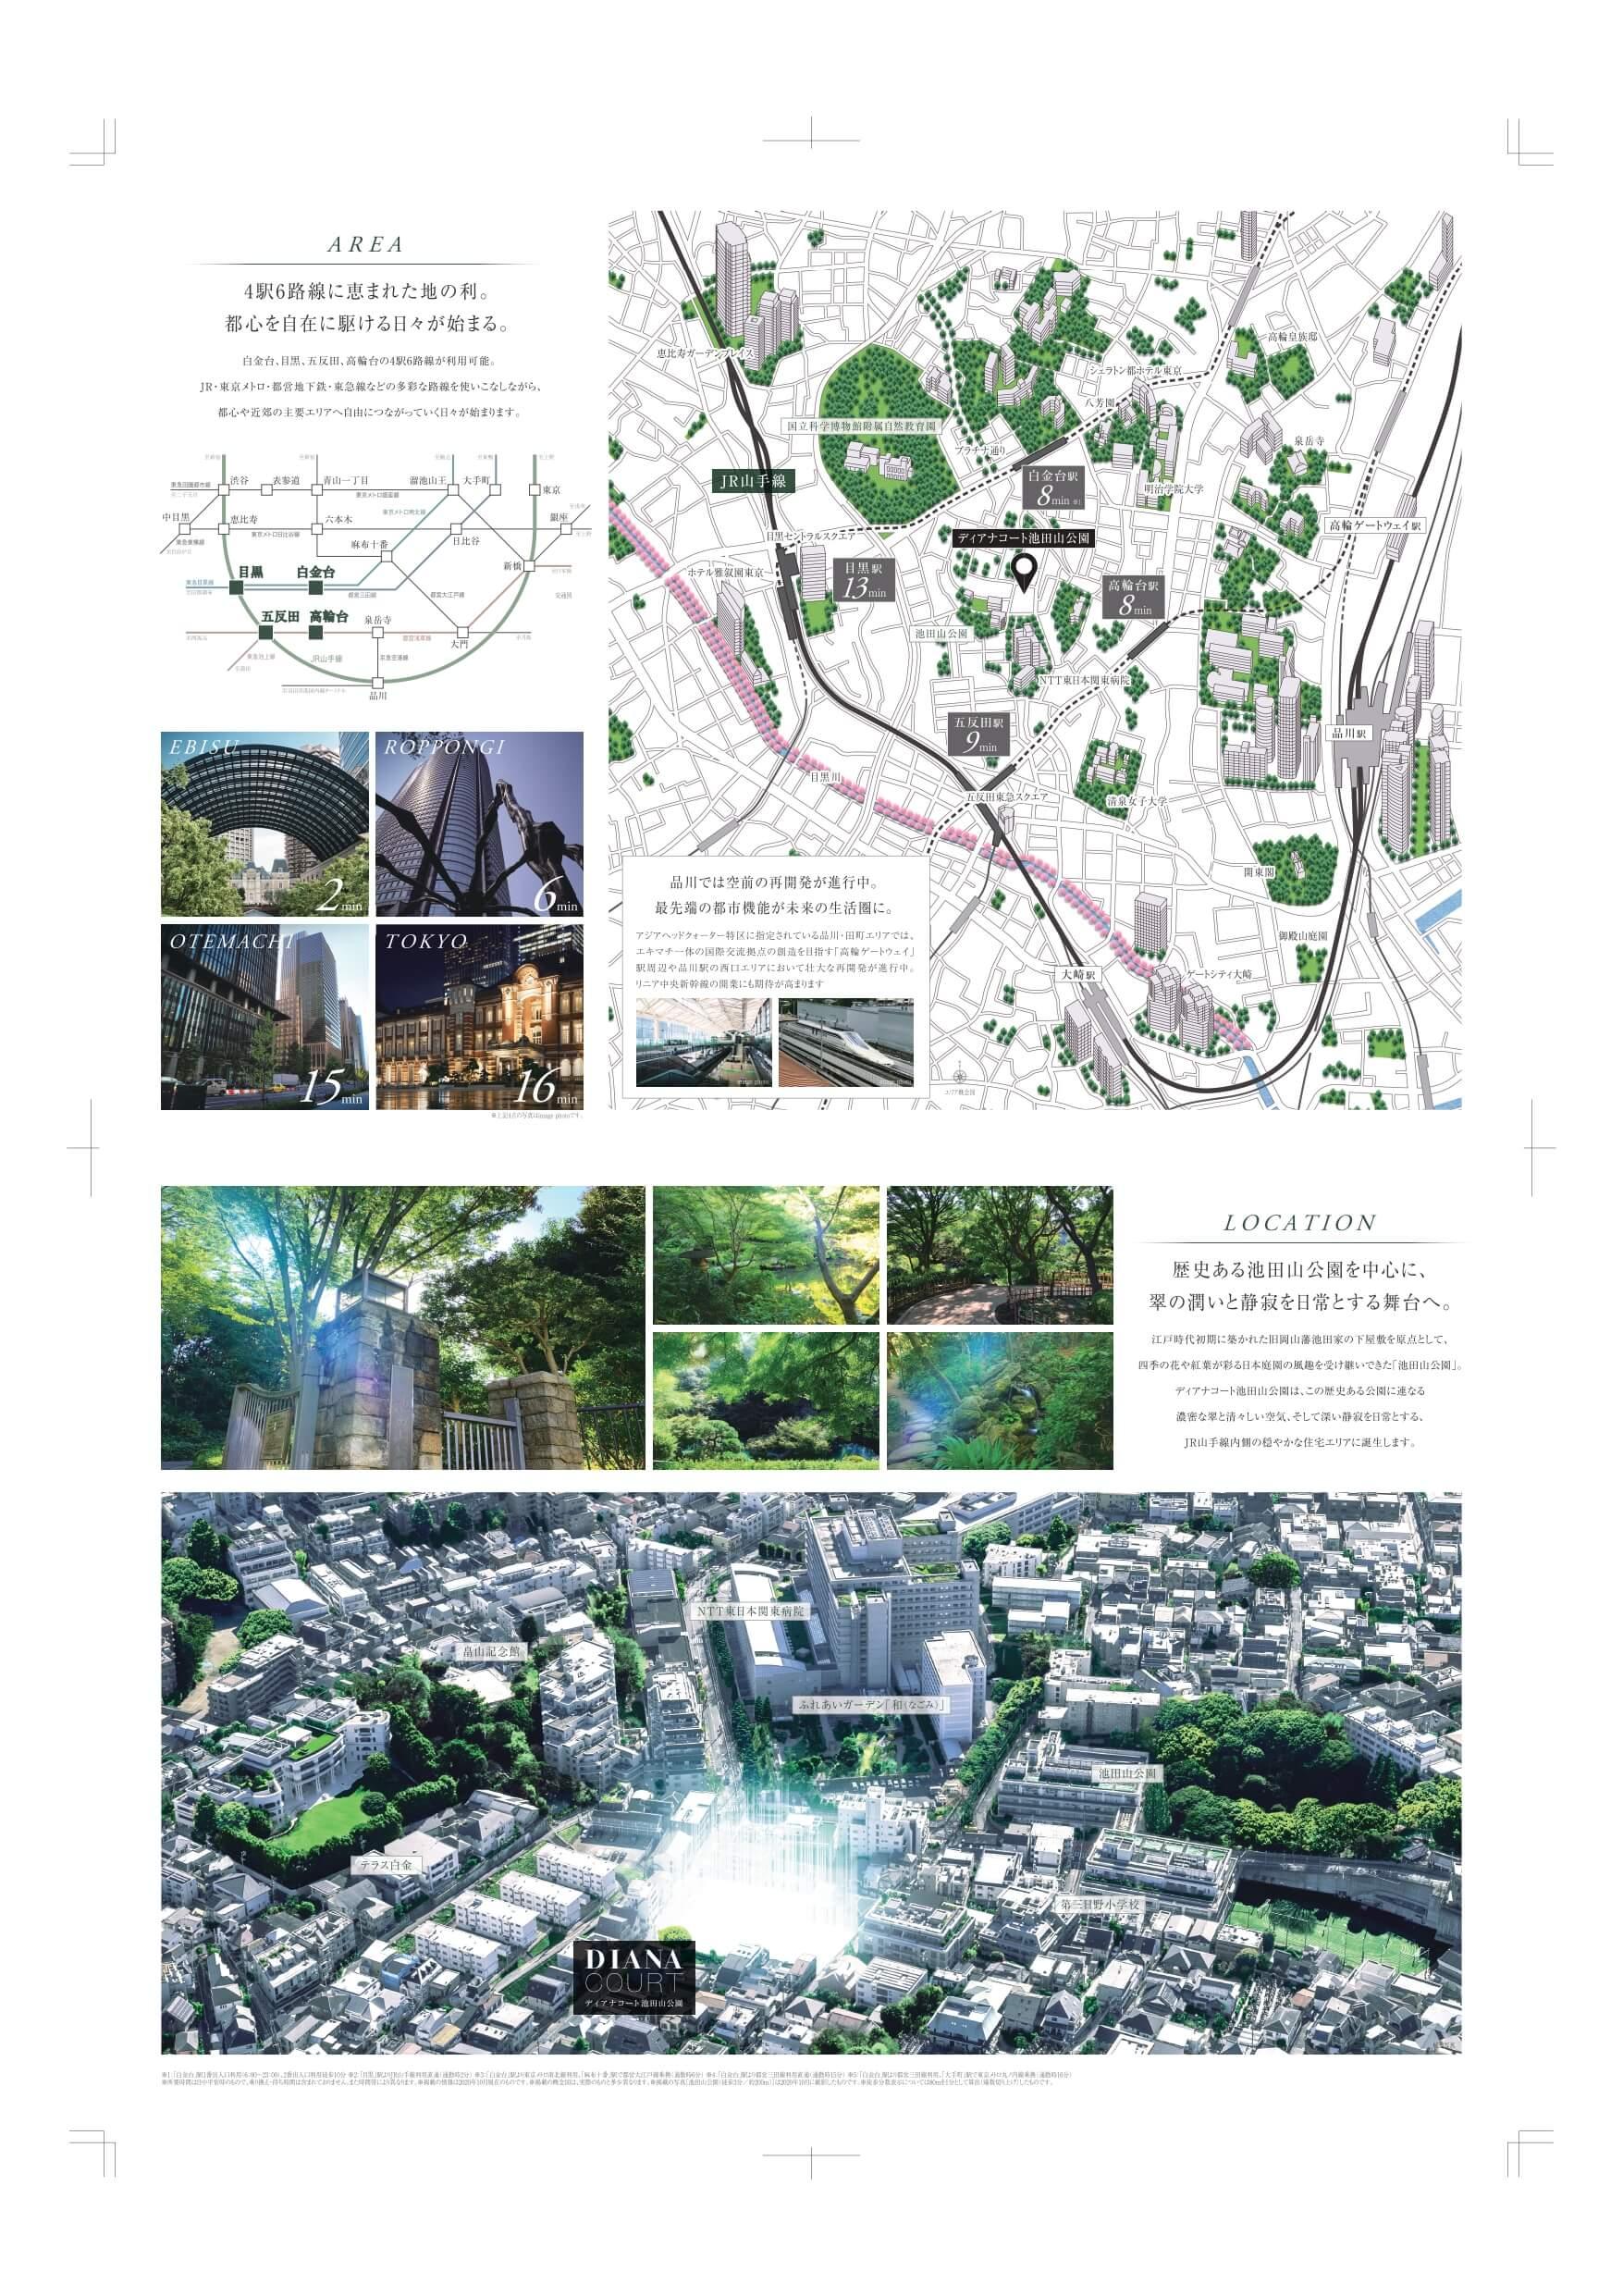 ディアナコート池田山公園